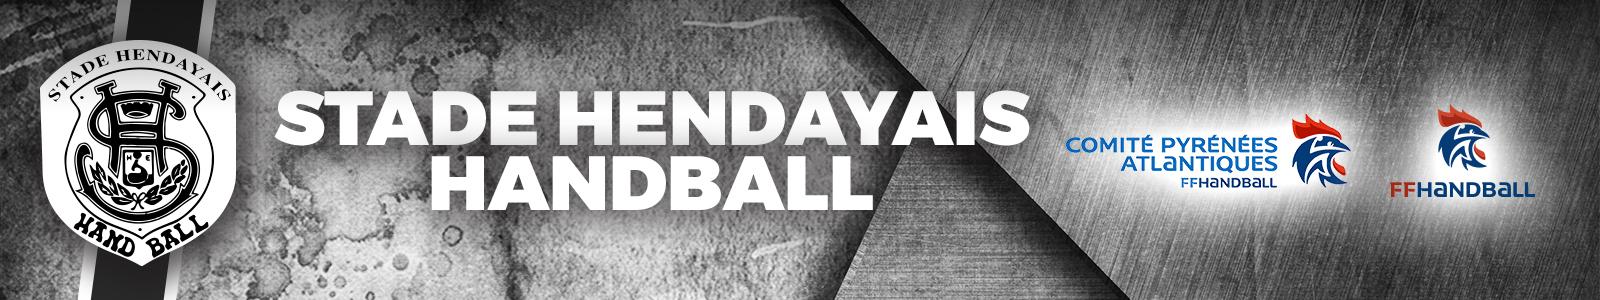 Stade Hendayais Handball : site officiel du club de handball de HENDAYE - clubeo